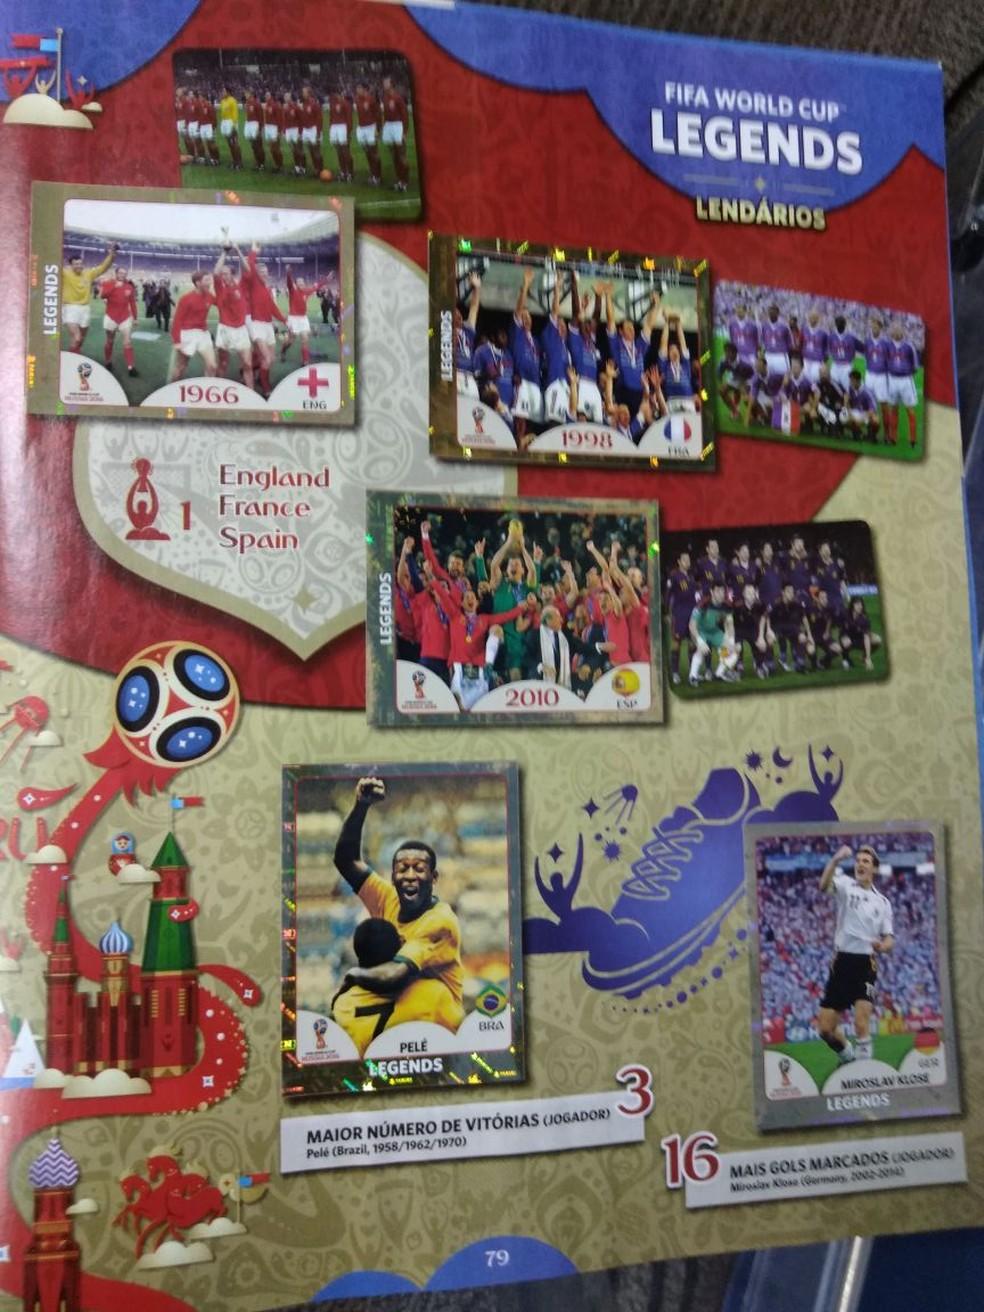 A?lbum deste ano traz lendas da Copa, como PelAi?? (Foto: Cassio Barco)